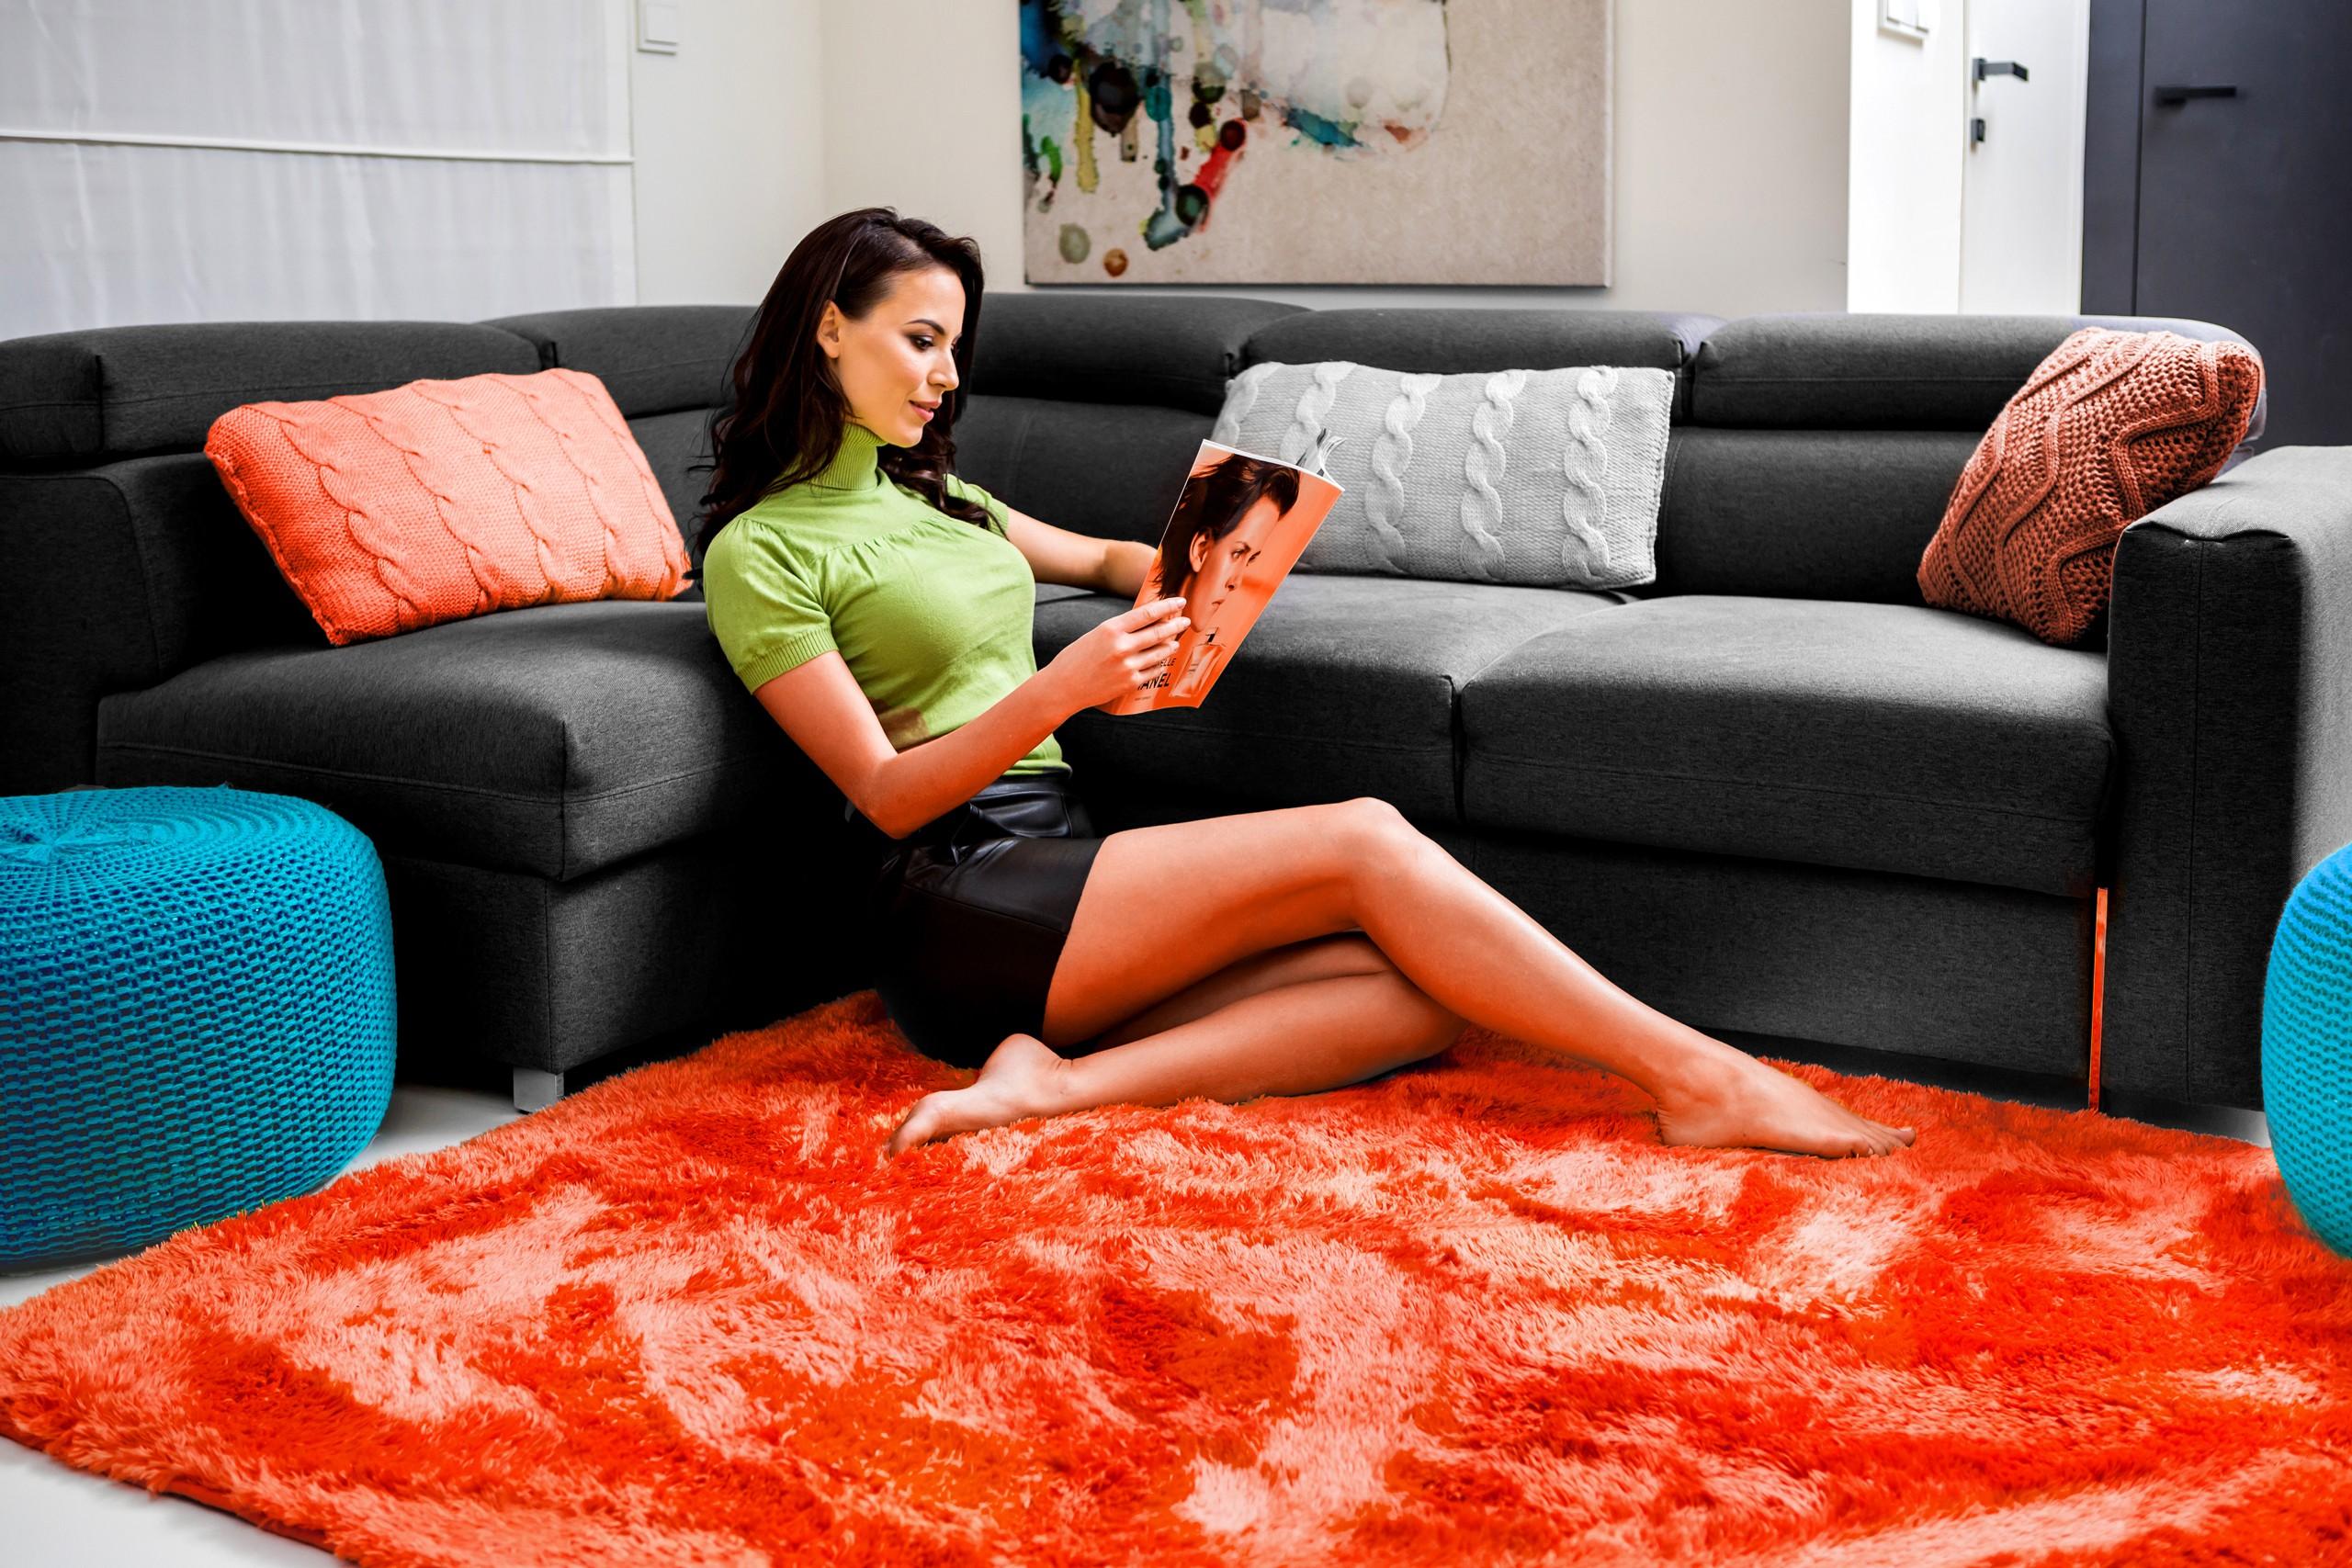 DomTextilu Luxusný plyšový koberec koralovej farby 140 x 200 cm 17365